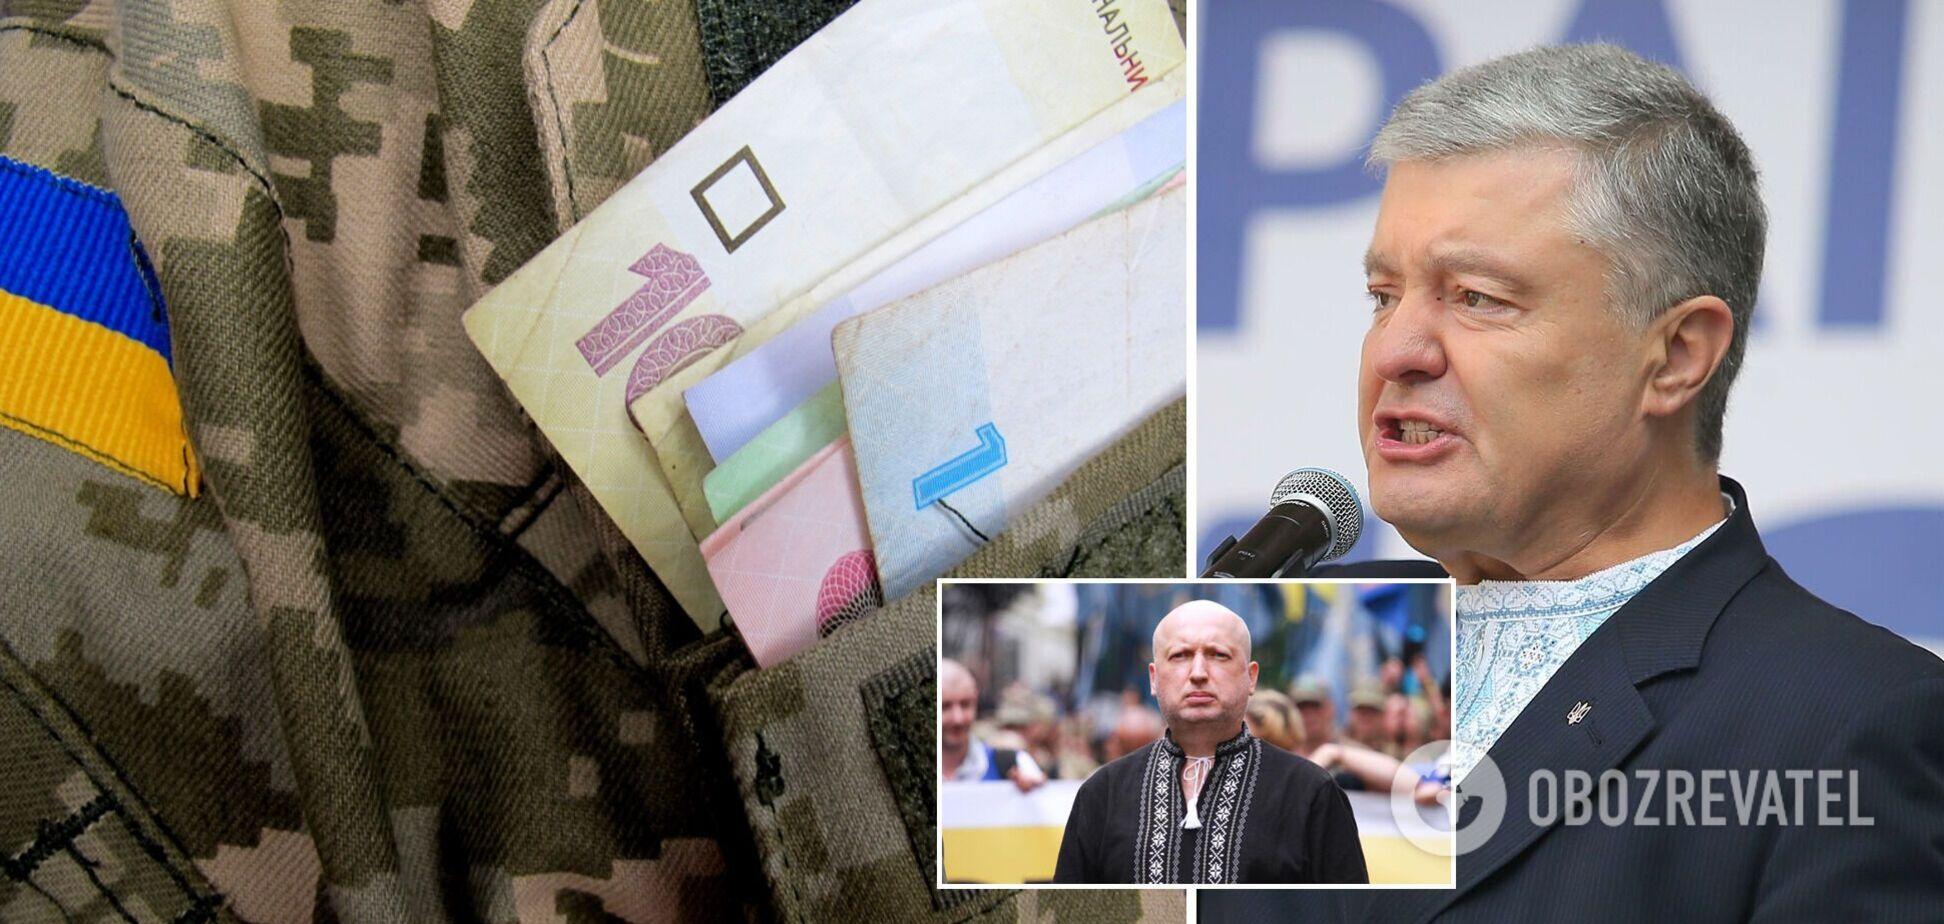 Зарплаты в ВСУ последний раз повышали еще во времена Порошенко, – Турчинов